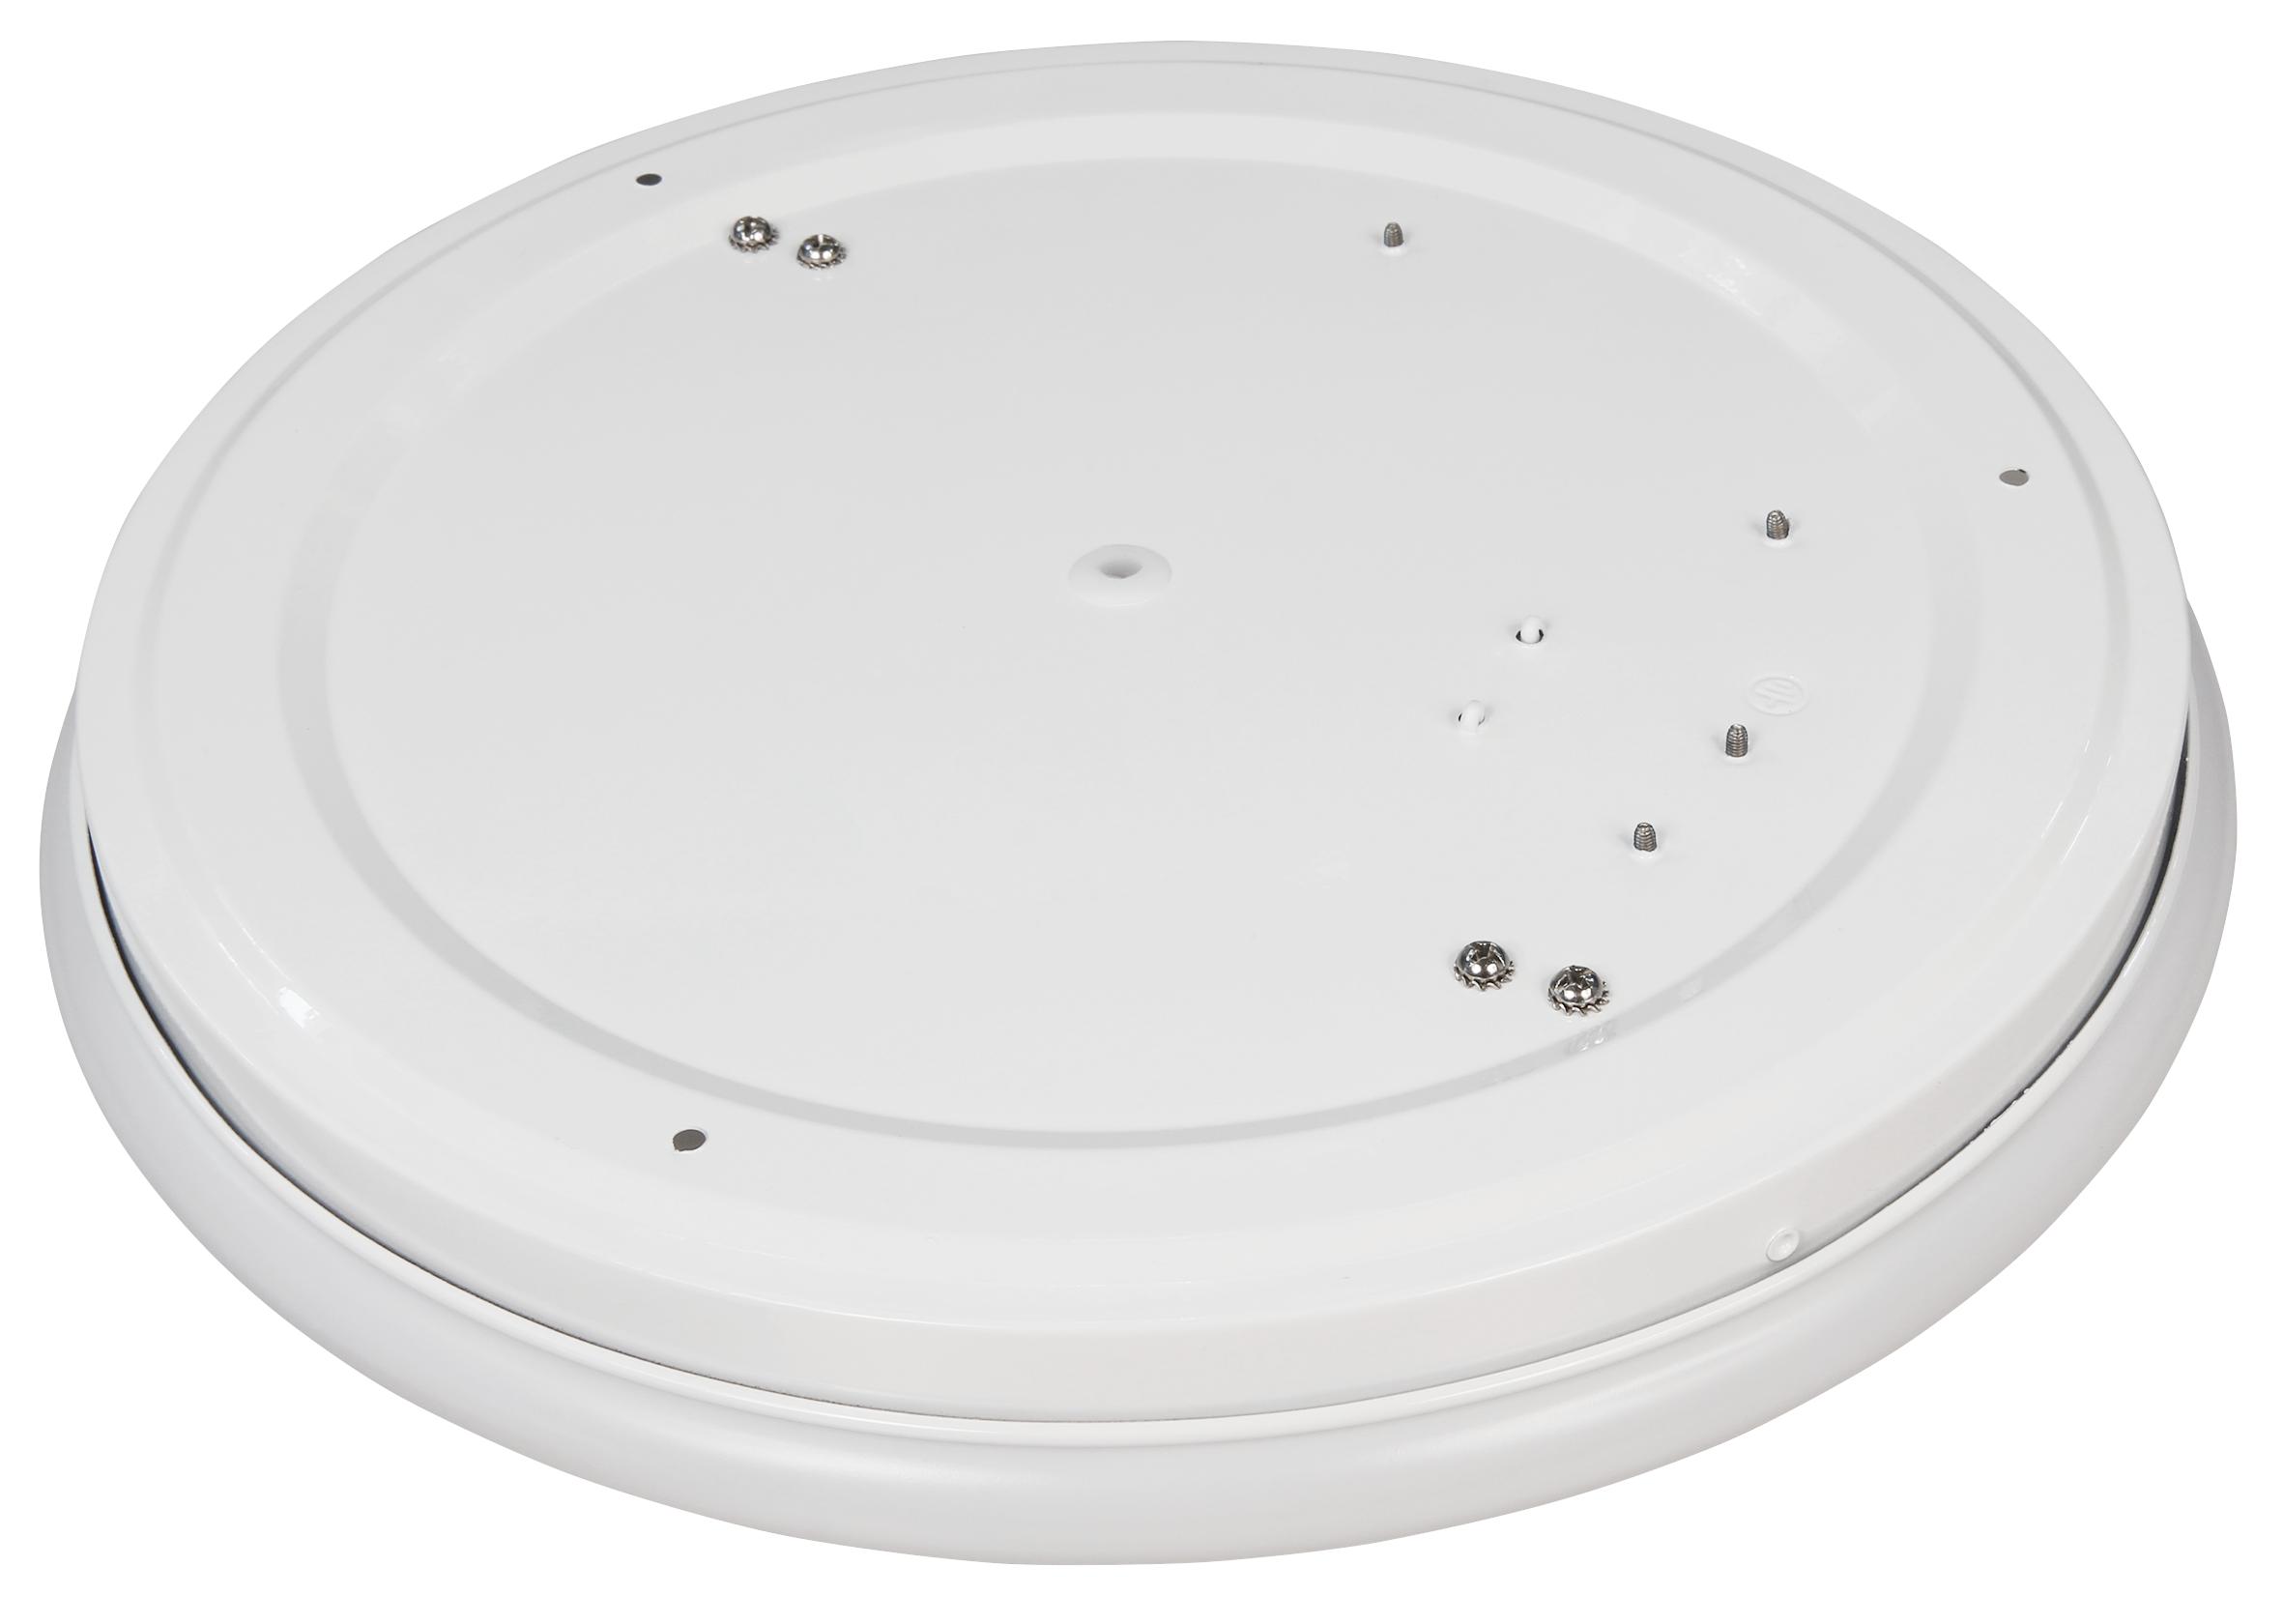 LED-Deckenleuchte McShine ''Star'' Ø33cm, inkl. 2x 7W LED-Leuchtmittel